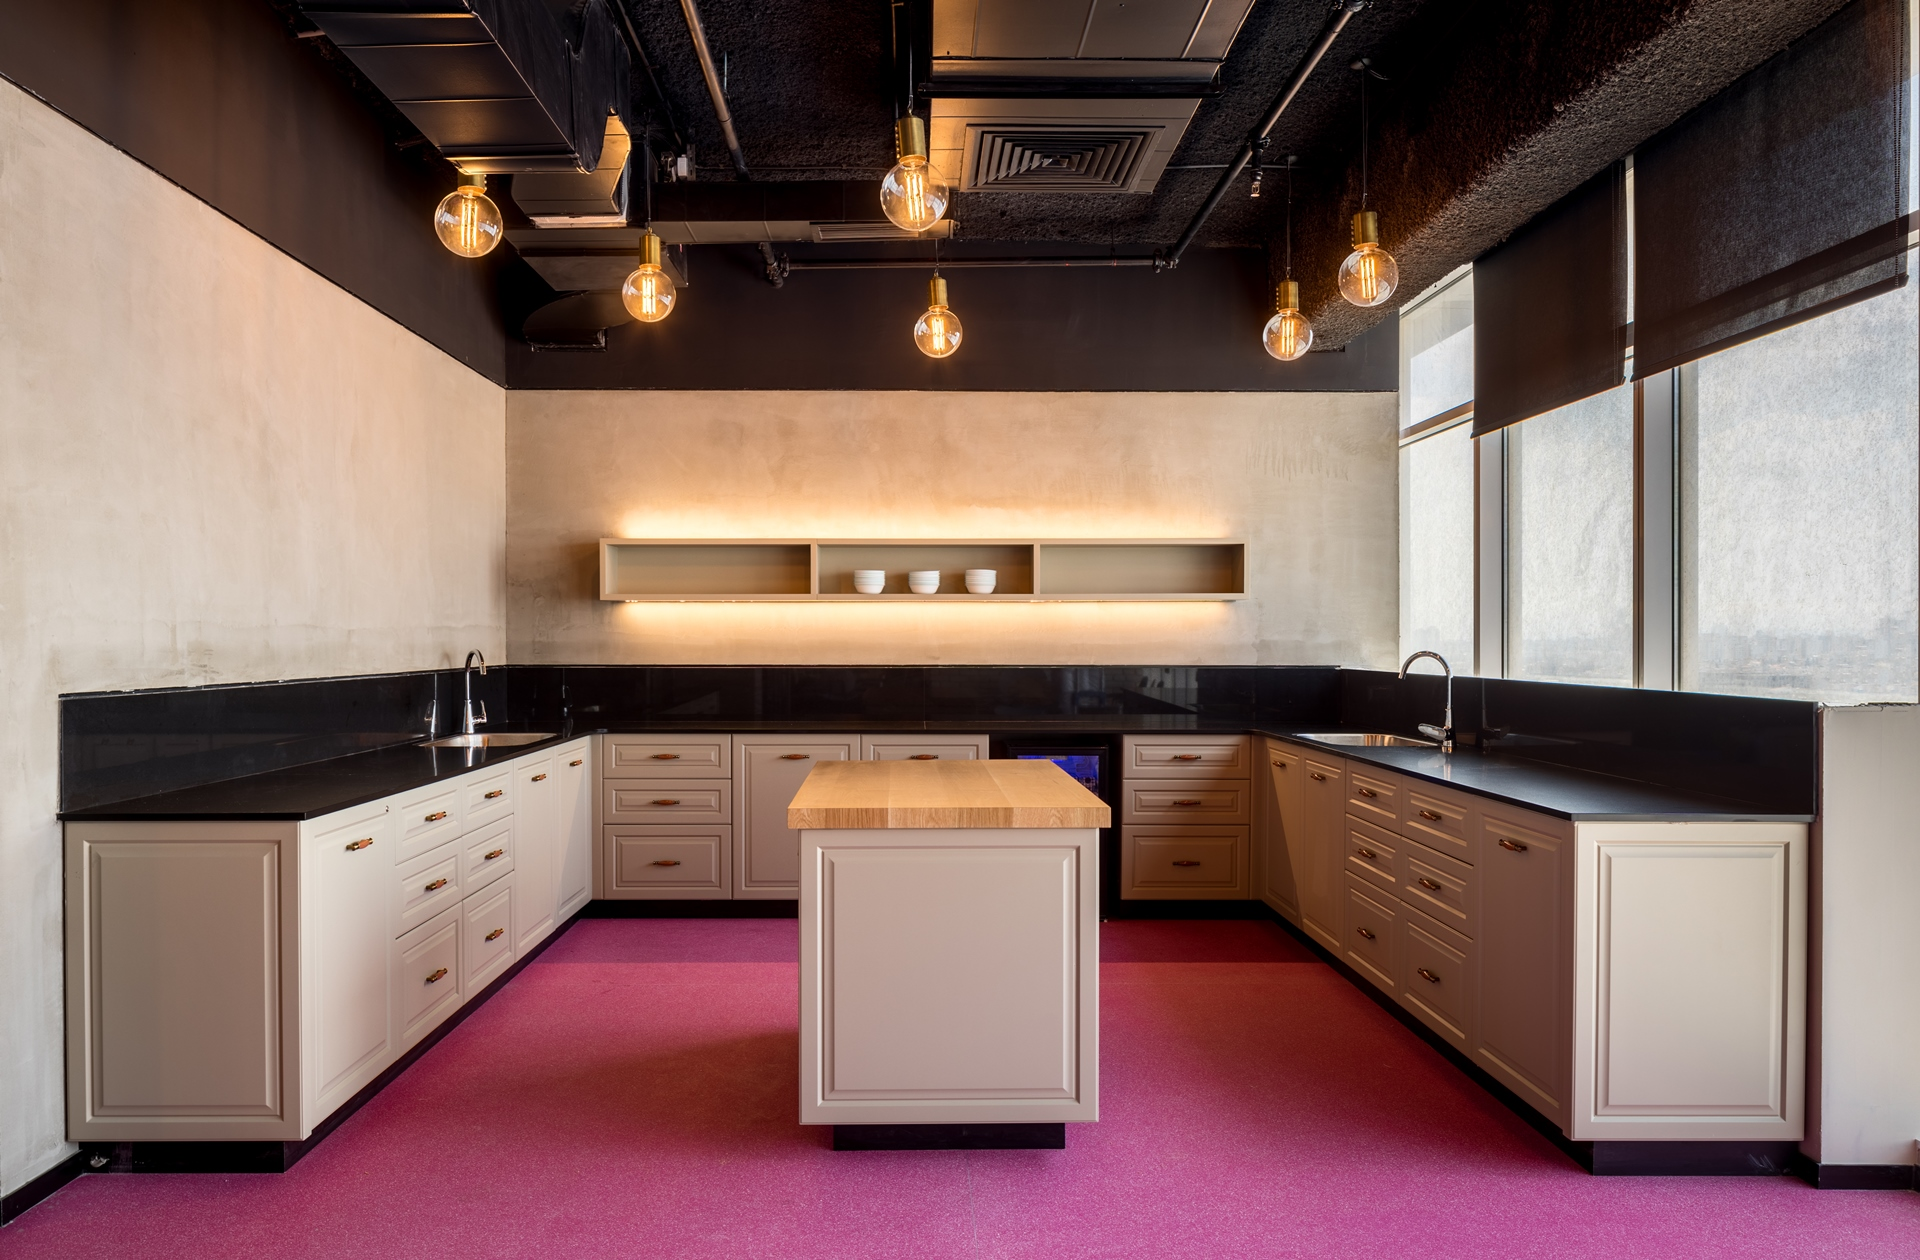 תכנון משרד ועיצוב